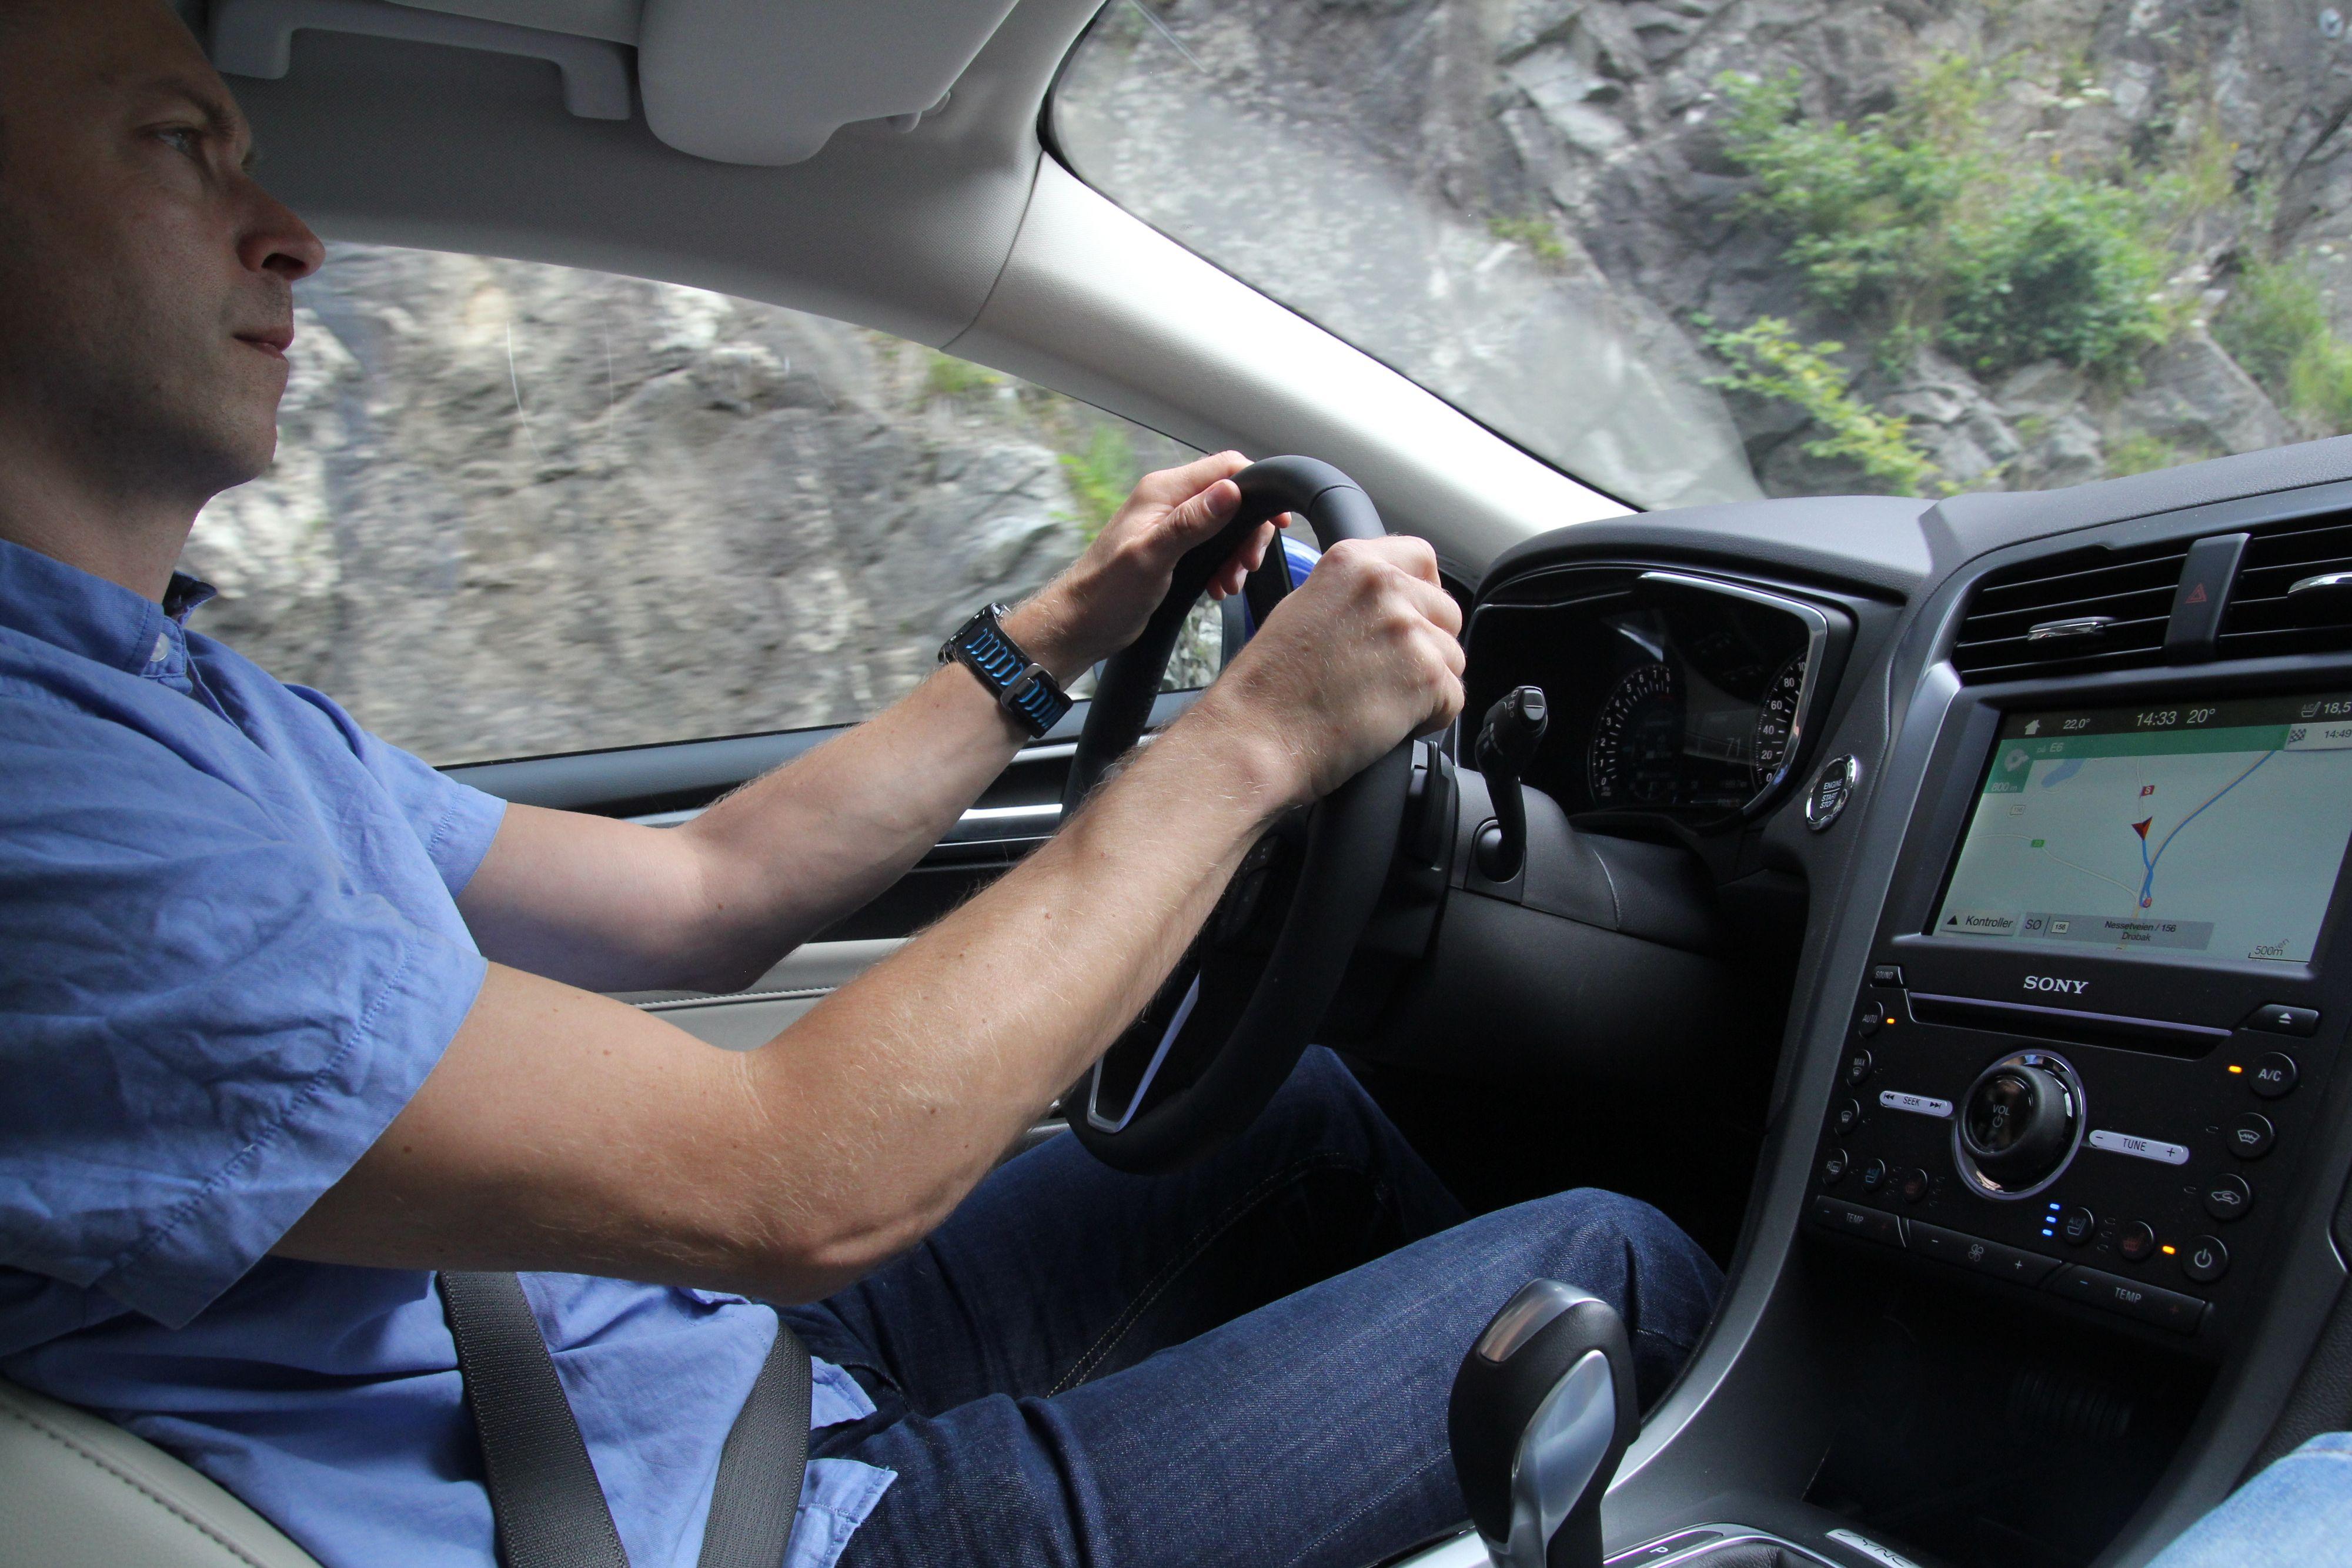 Kurt Lekanger, testsjef hos Tek.no, koser seg bak spakene. Verd å nevne er at kjøretøyet er utstyrt med «anti klam-i-kløfta»-vifter i begge forsetene, samt rygg- og rumpemassasje som betjenes via Sync-skjermen .